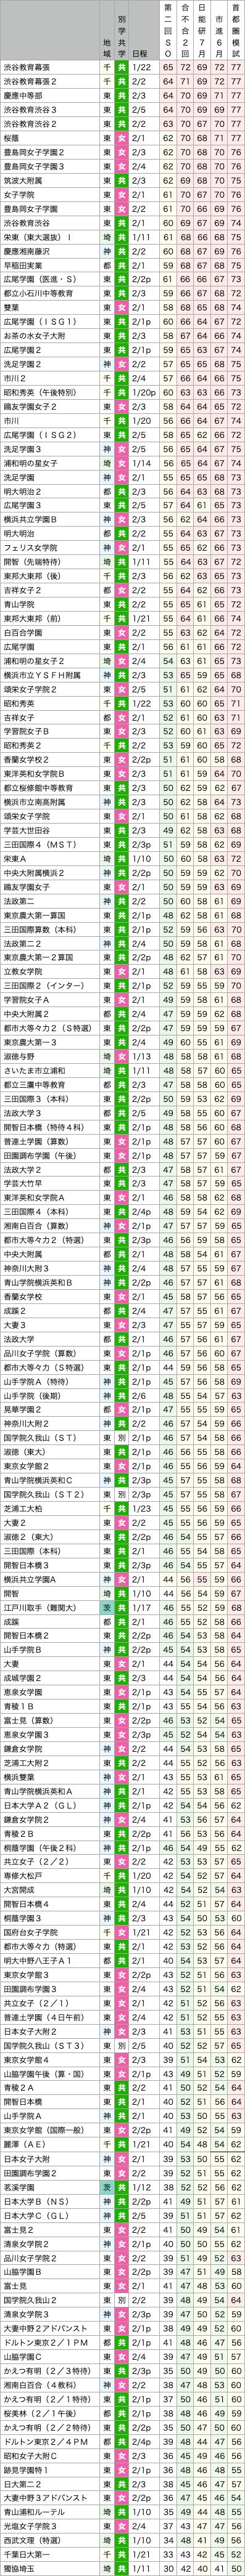 値 日能研 45 偏差 【日能研】小6 低偏差値でもいい!